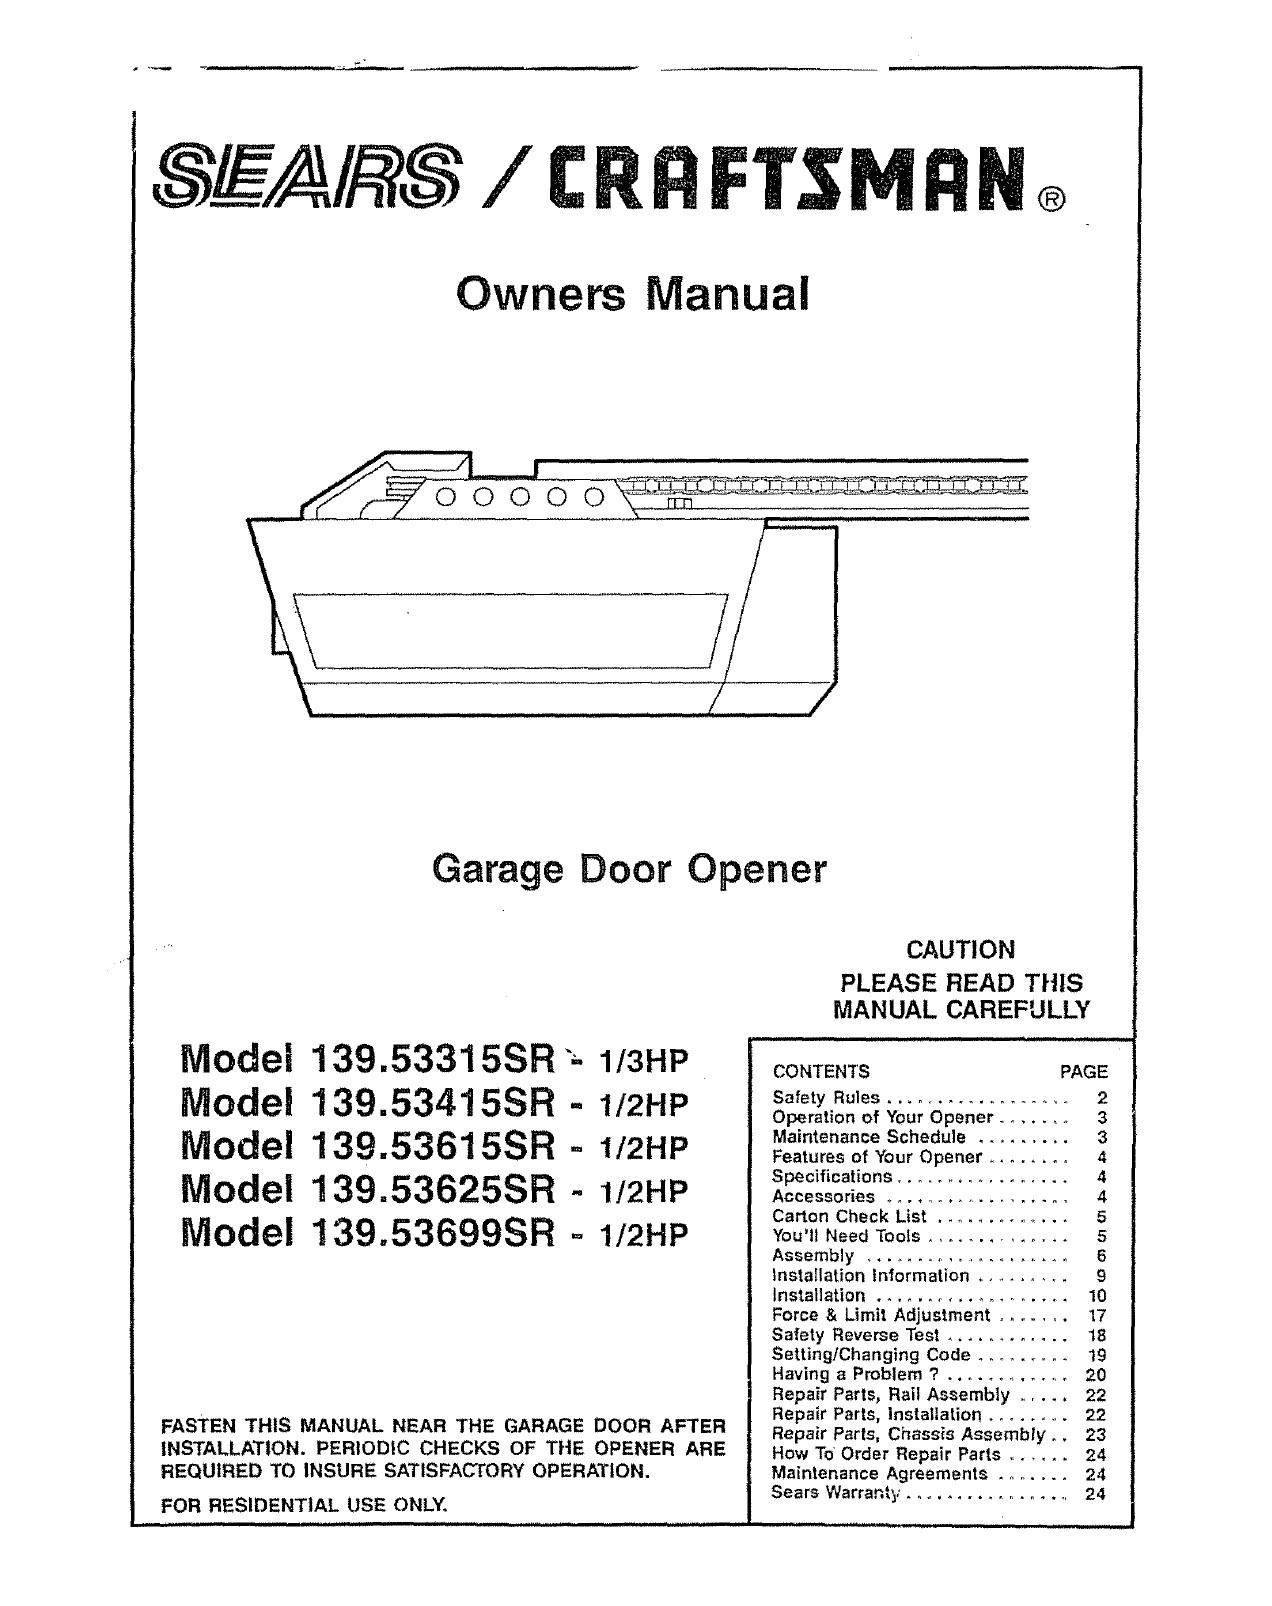 Craftsman Garage Door Opener 139 SR User Guide For Wiring Diagram